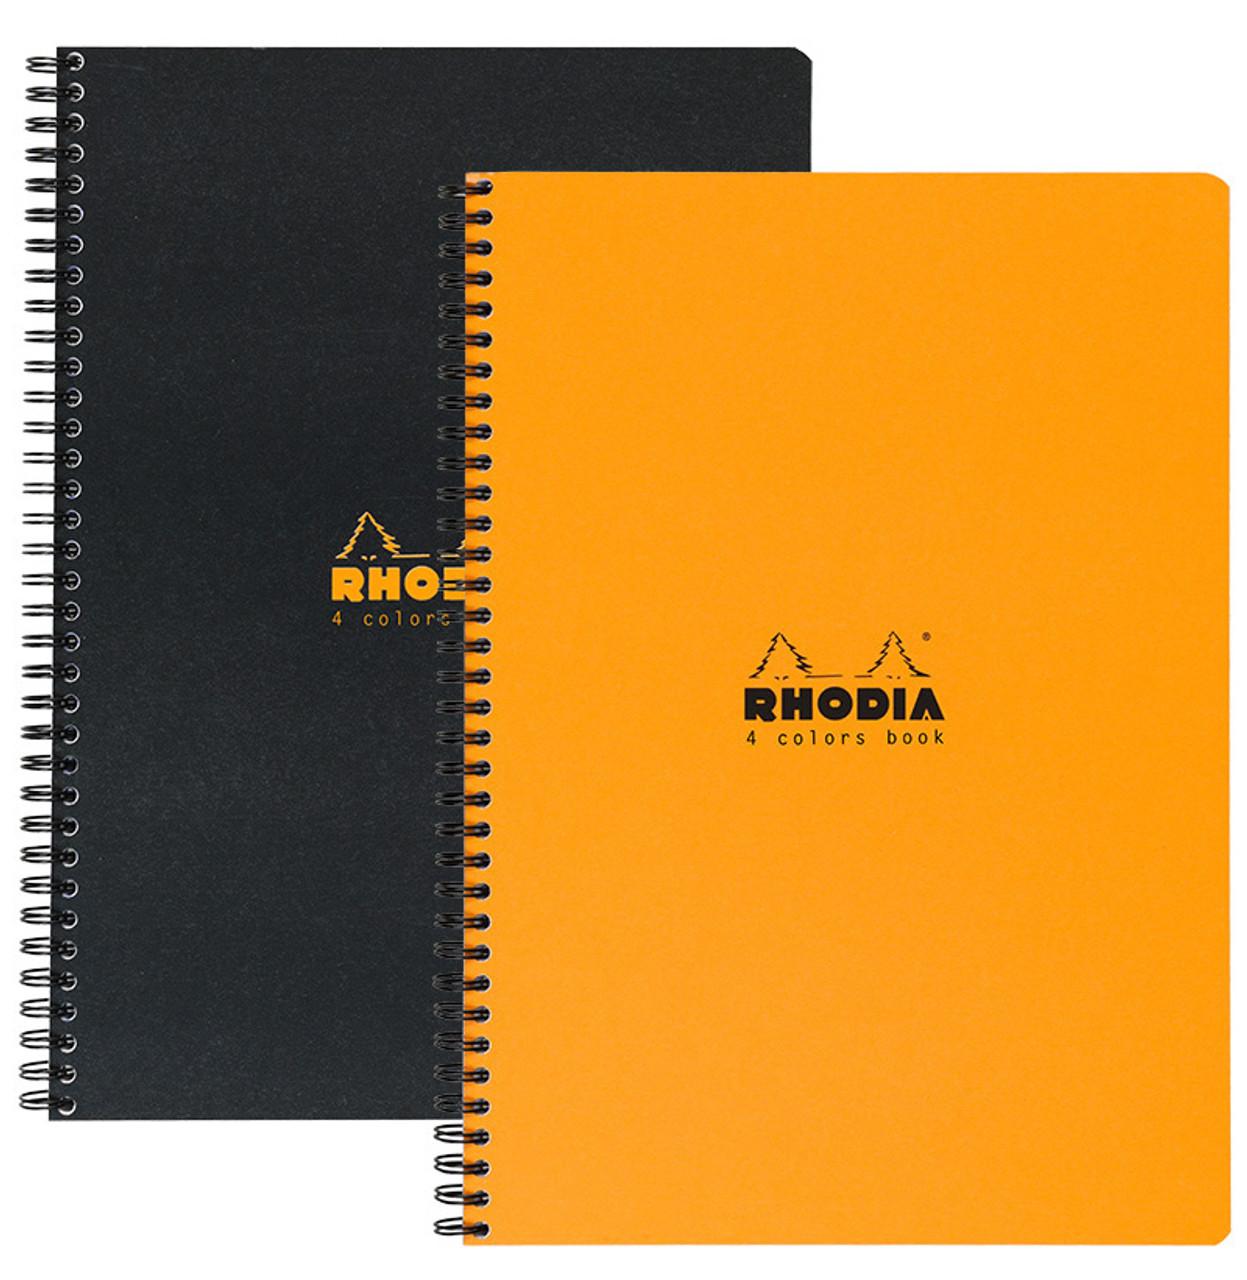 Rhodia 4-Color Book 9x11.75 Lined Orange